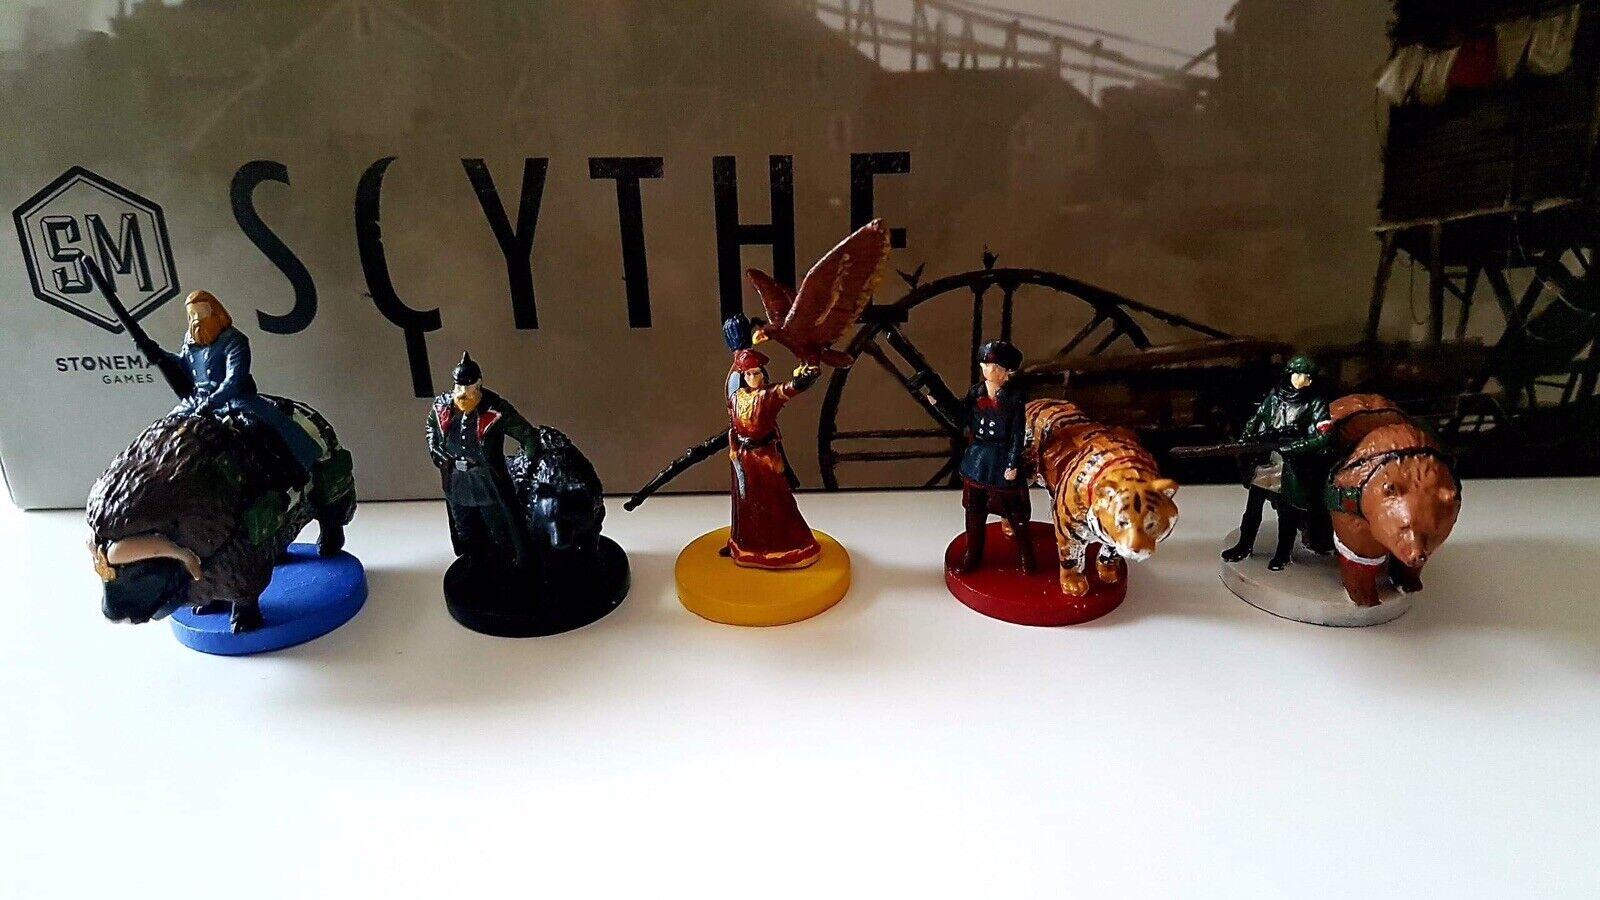 completare set painted Scythe cifras from base  gioco e tutti expansions (55 minis)  prezzi eccellenti